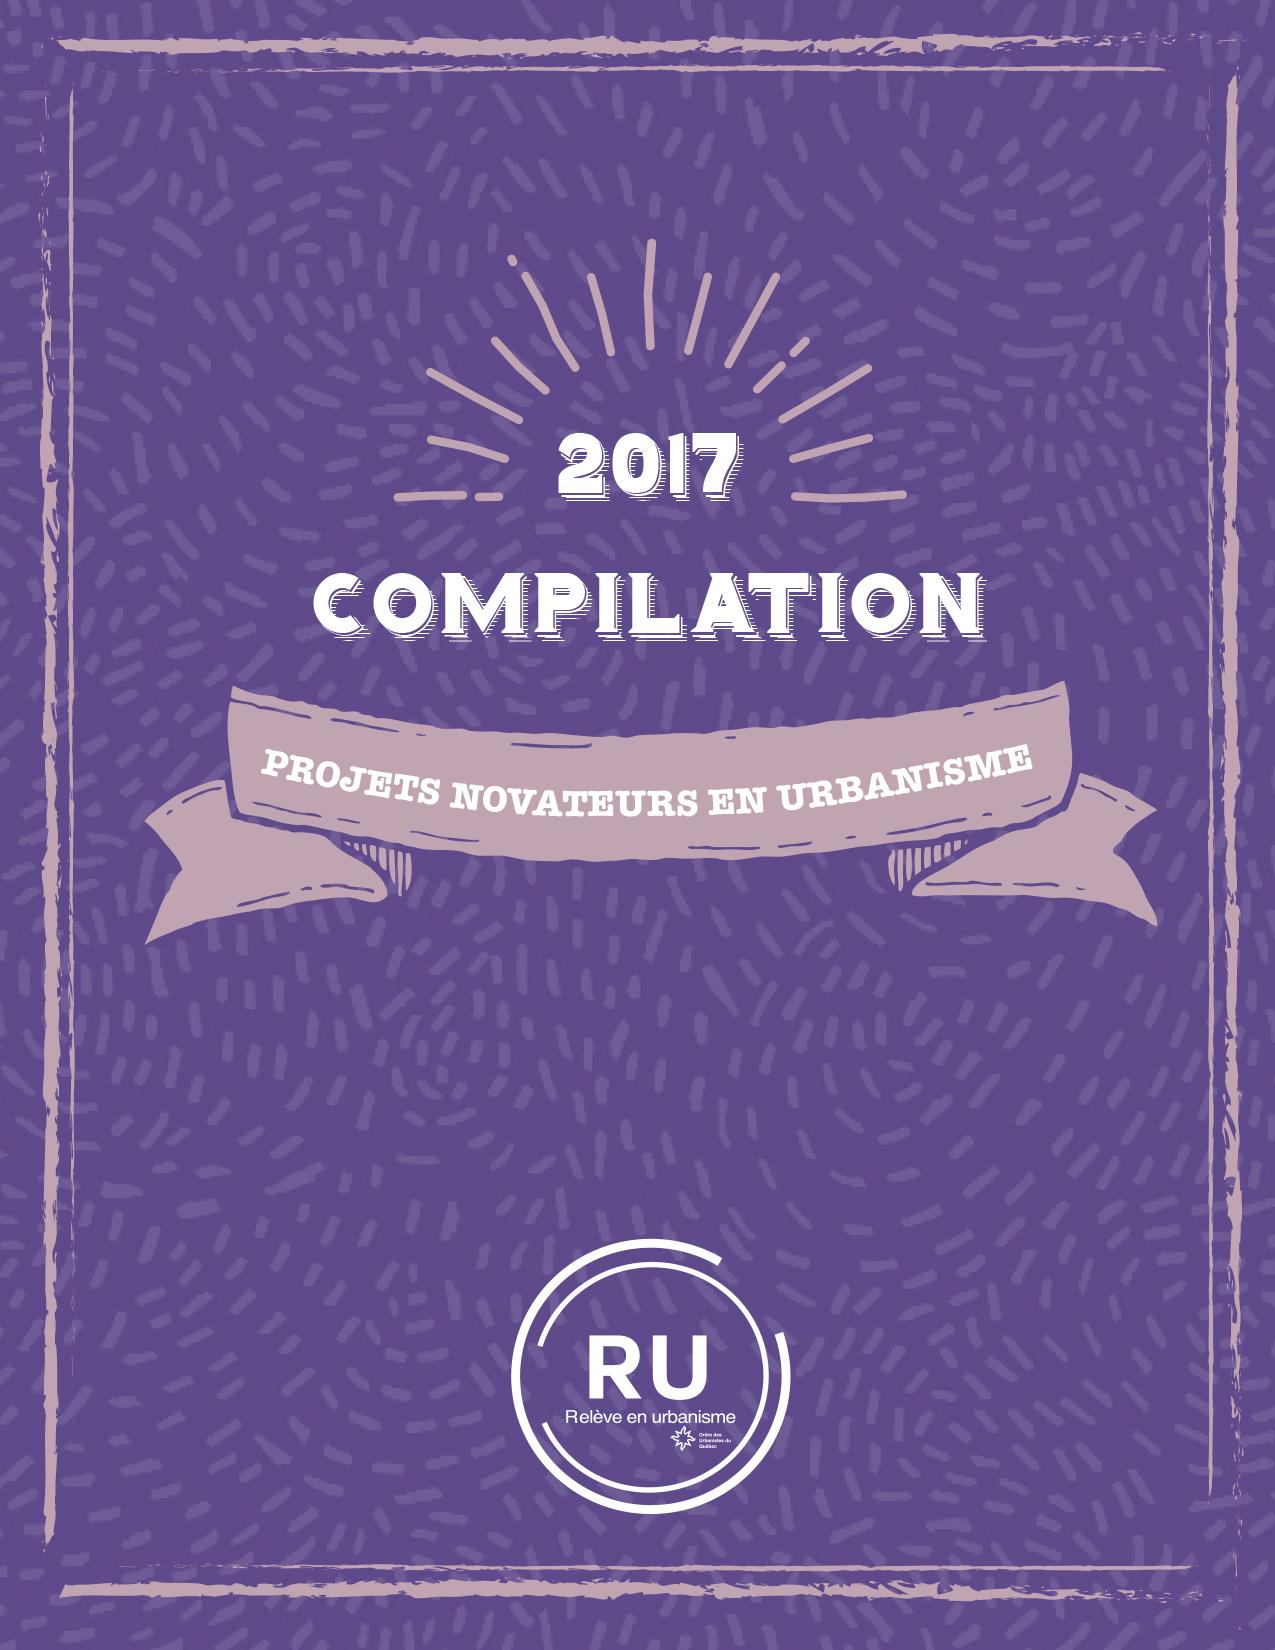 OUQ - La compilation des projets novateurs en urbanisme est maintenant disponible!